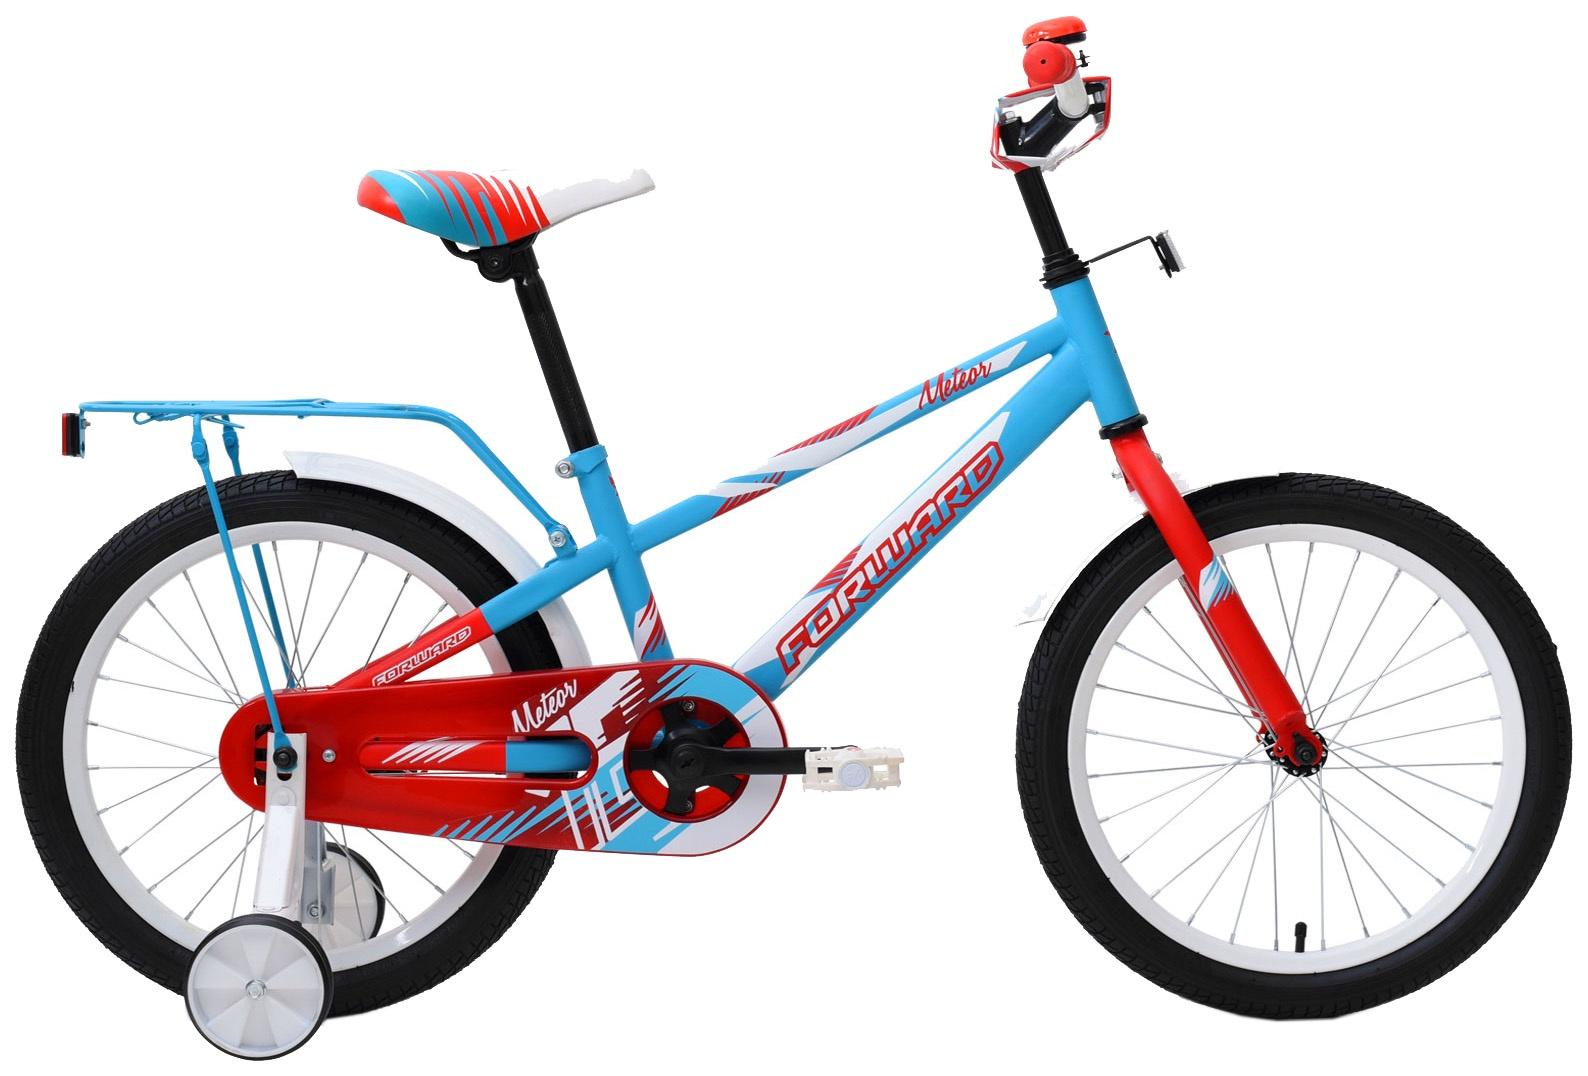 Велосипед Forward METEOR 18, RBKW9LNH1004, бирюзовый, красный